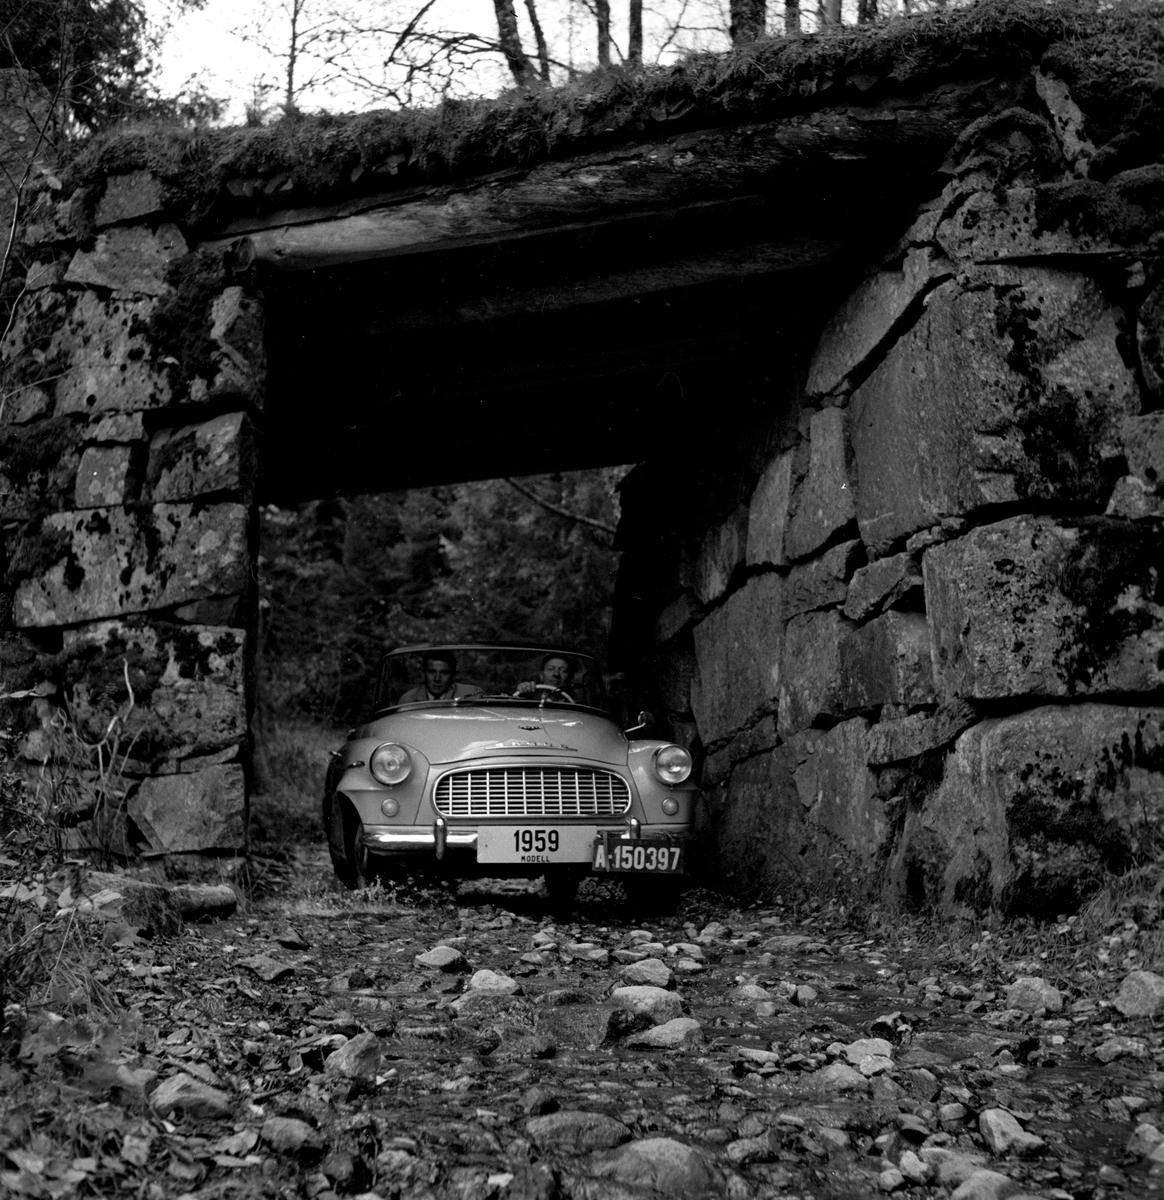 Skoda S450 cabriolet, 1959 modell, under en steinbro. Fotografert oktober 1958.